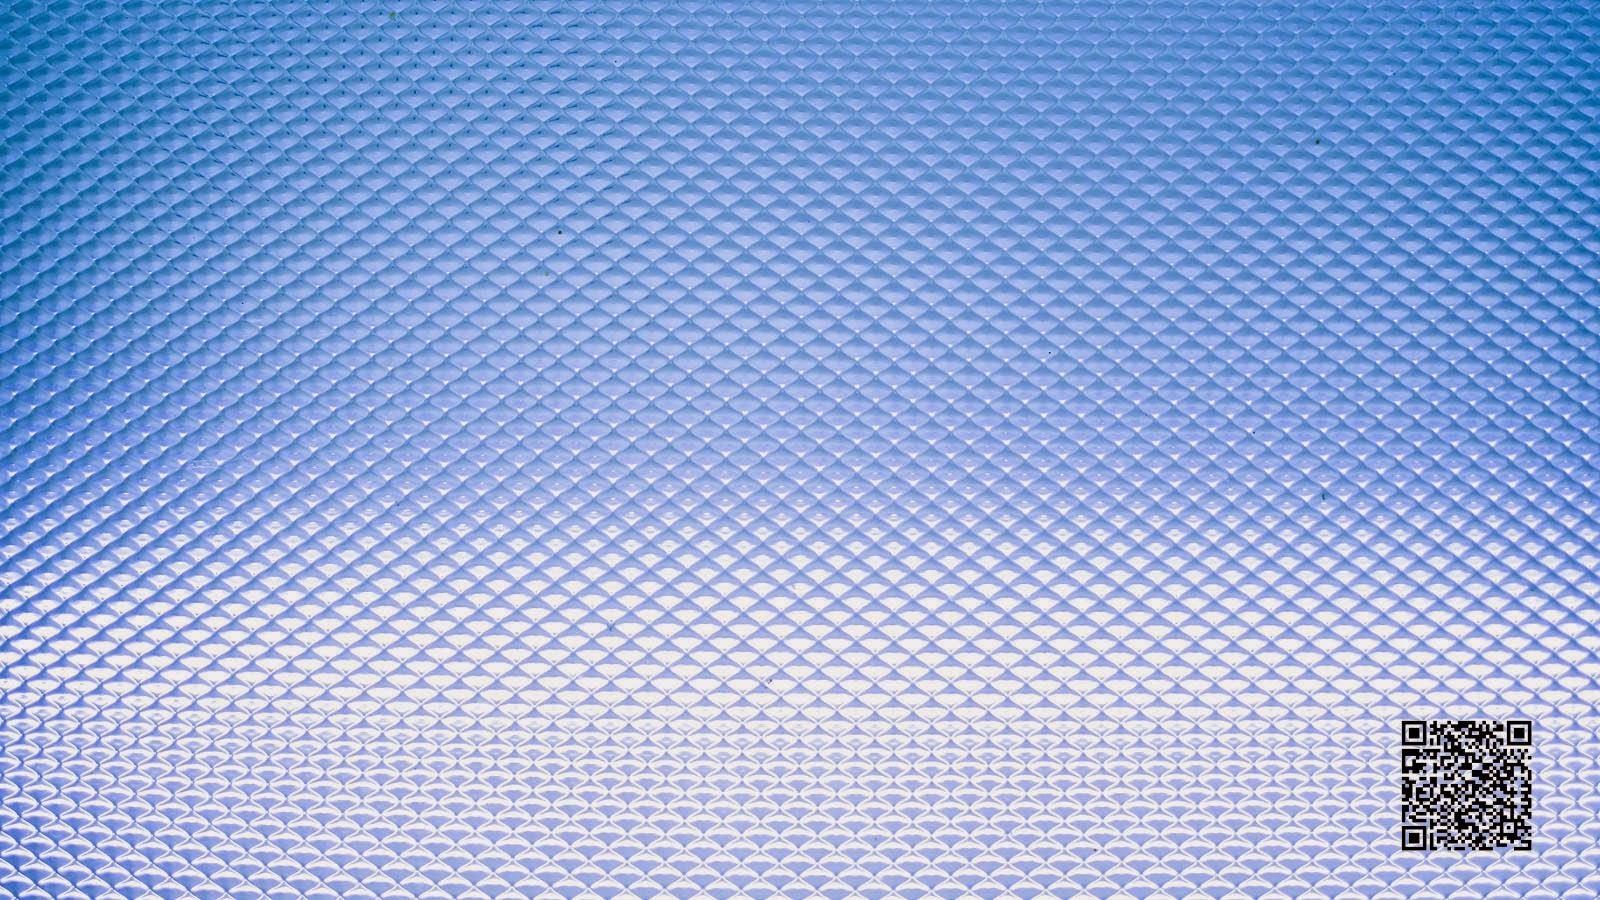 Martin Sheet Metal >> free download Lightings blue Bokeh background fullhd free ~ Wall2U